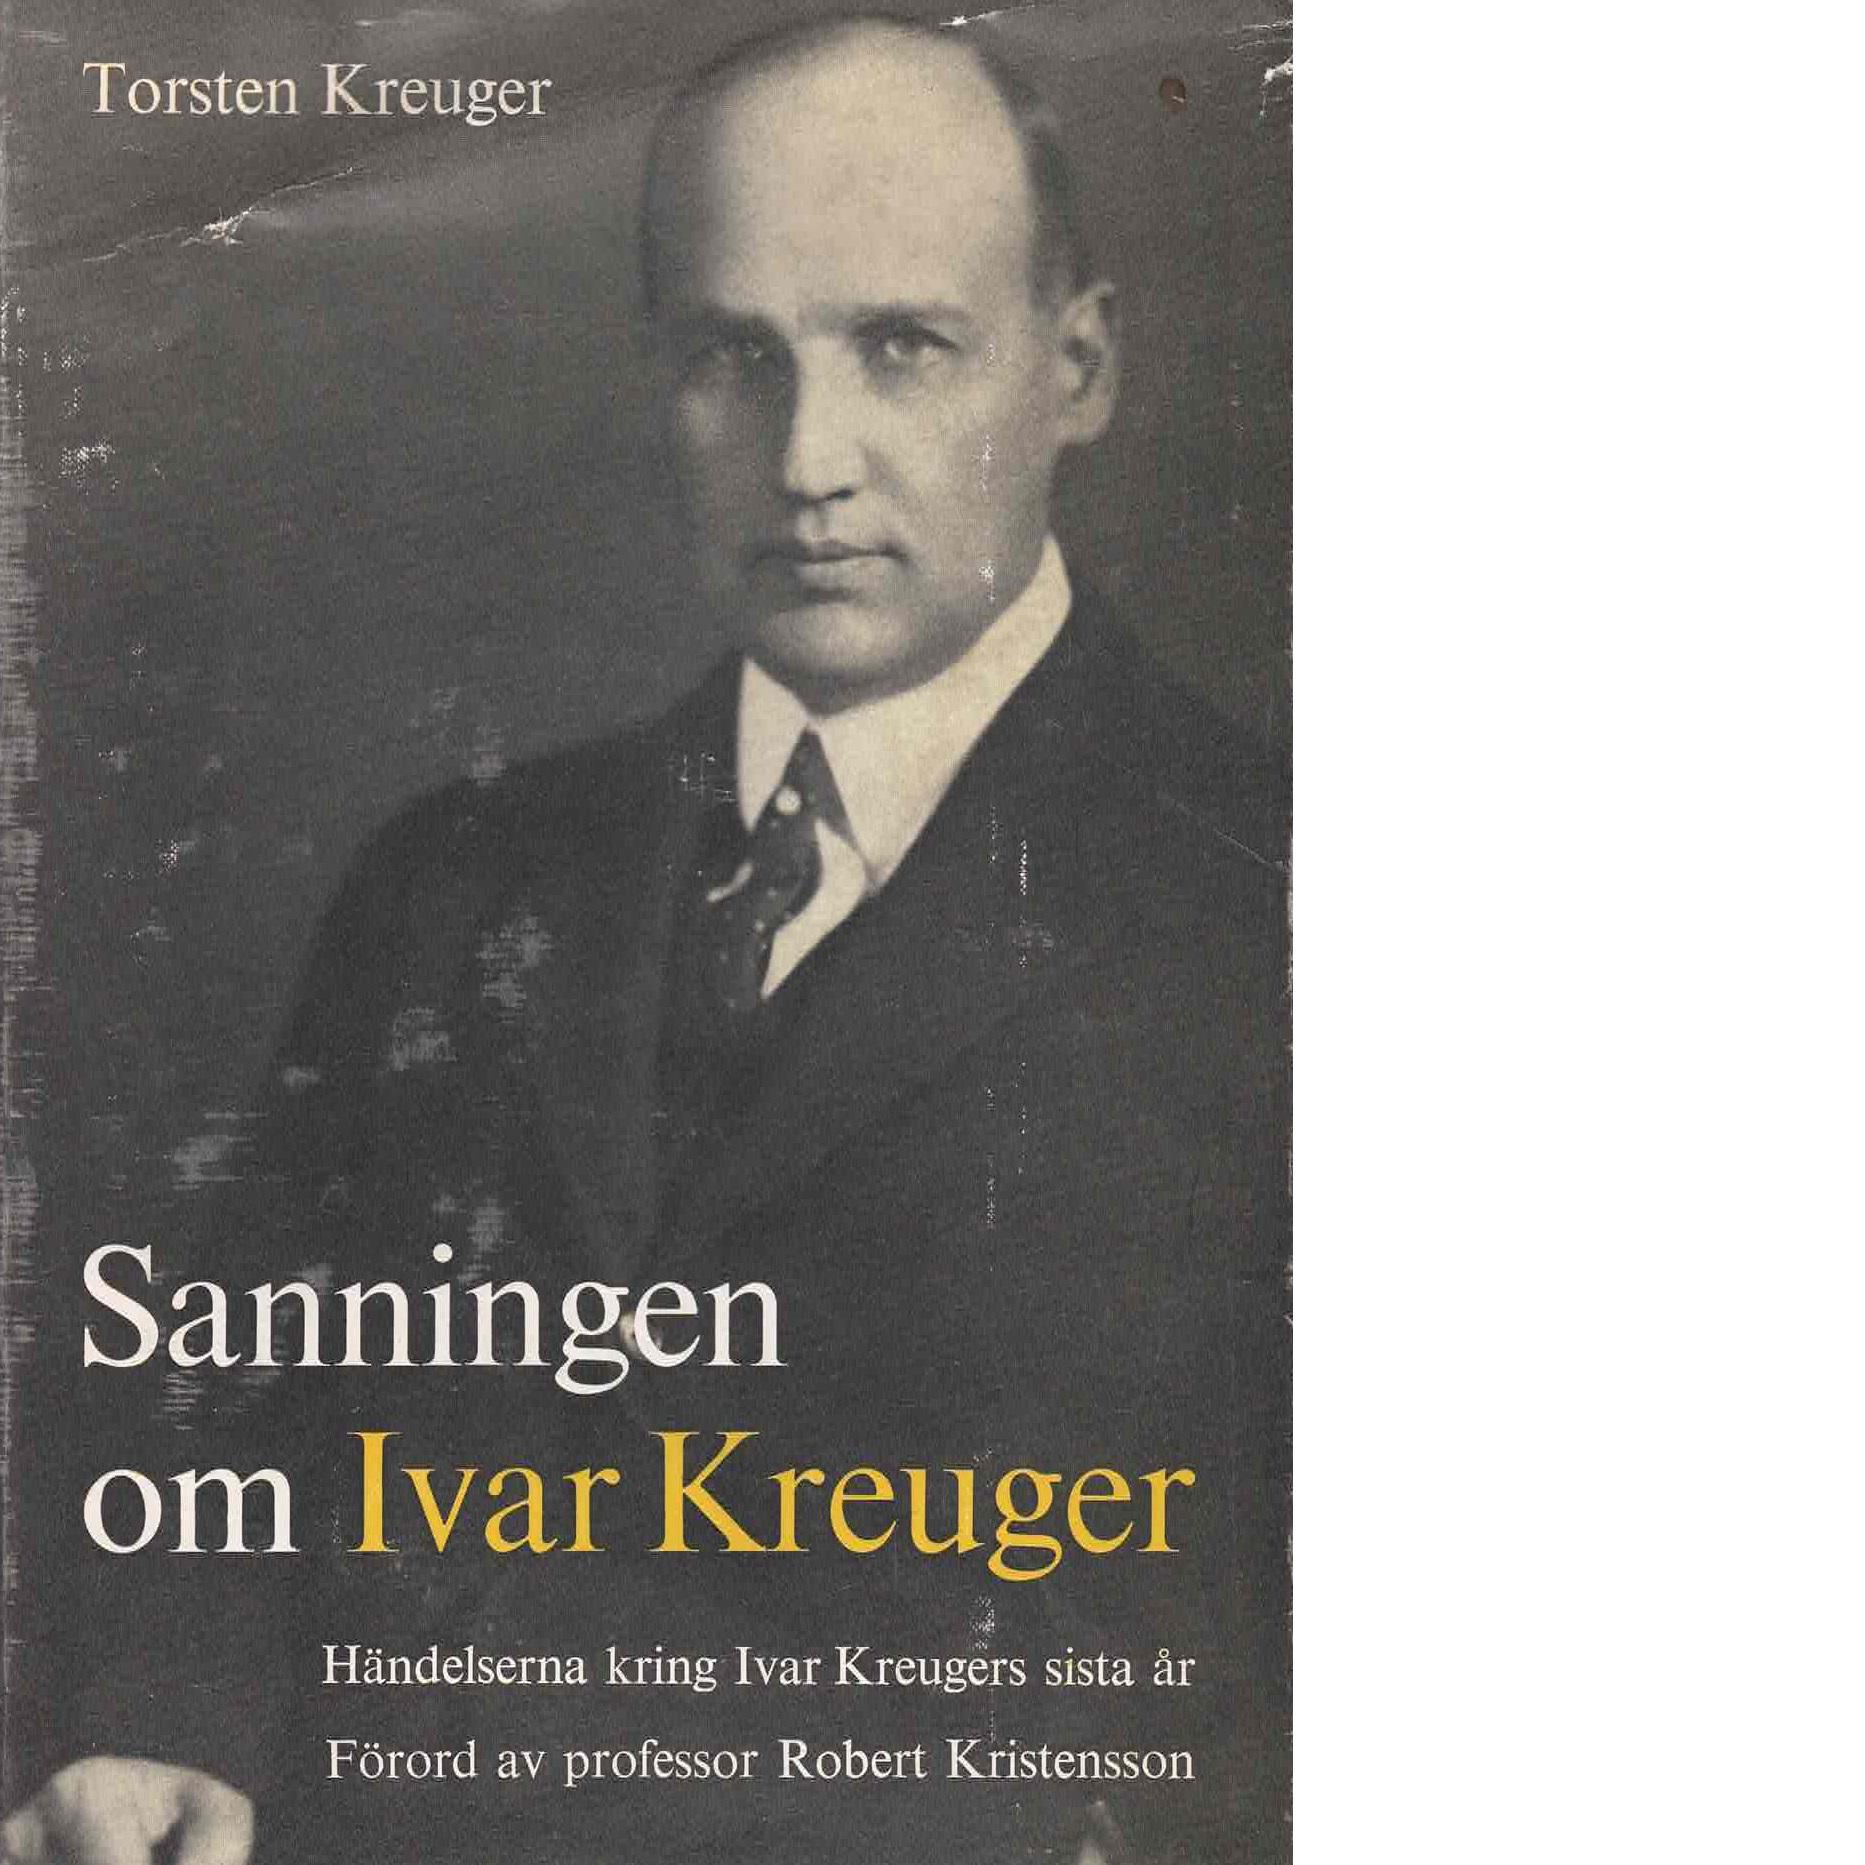 Sanningen om Ivar Kreuger : händelserna kring Ivar Kreugers sista år - Kreuger, Torsten